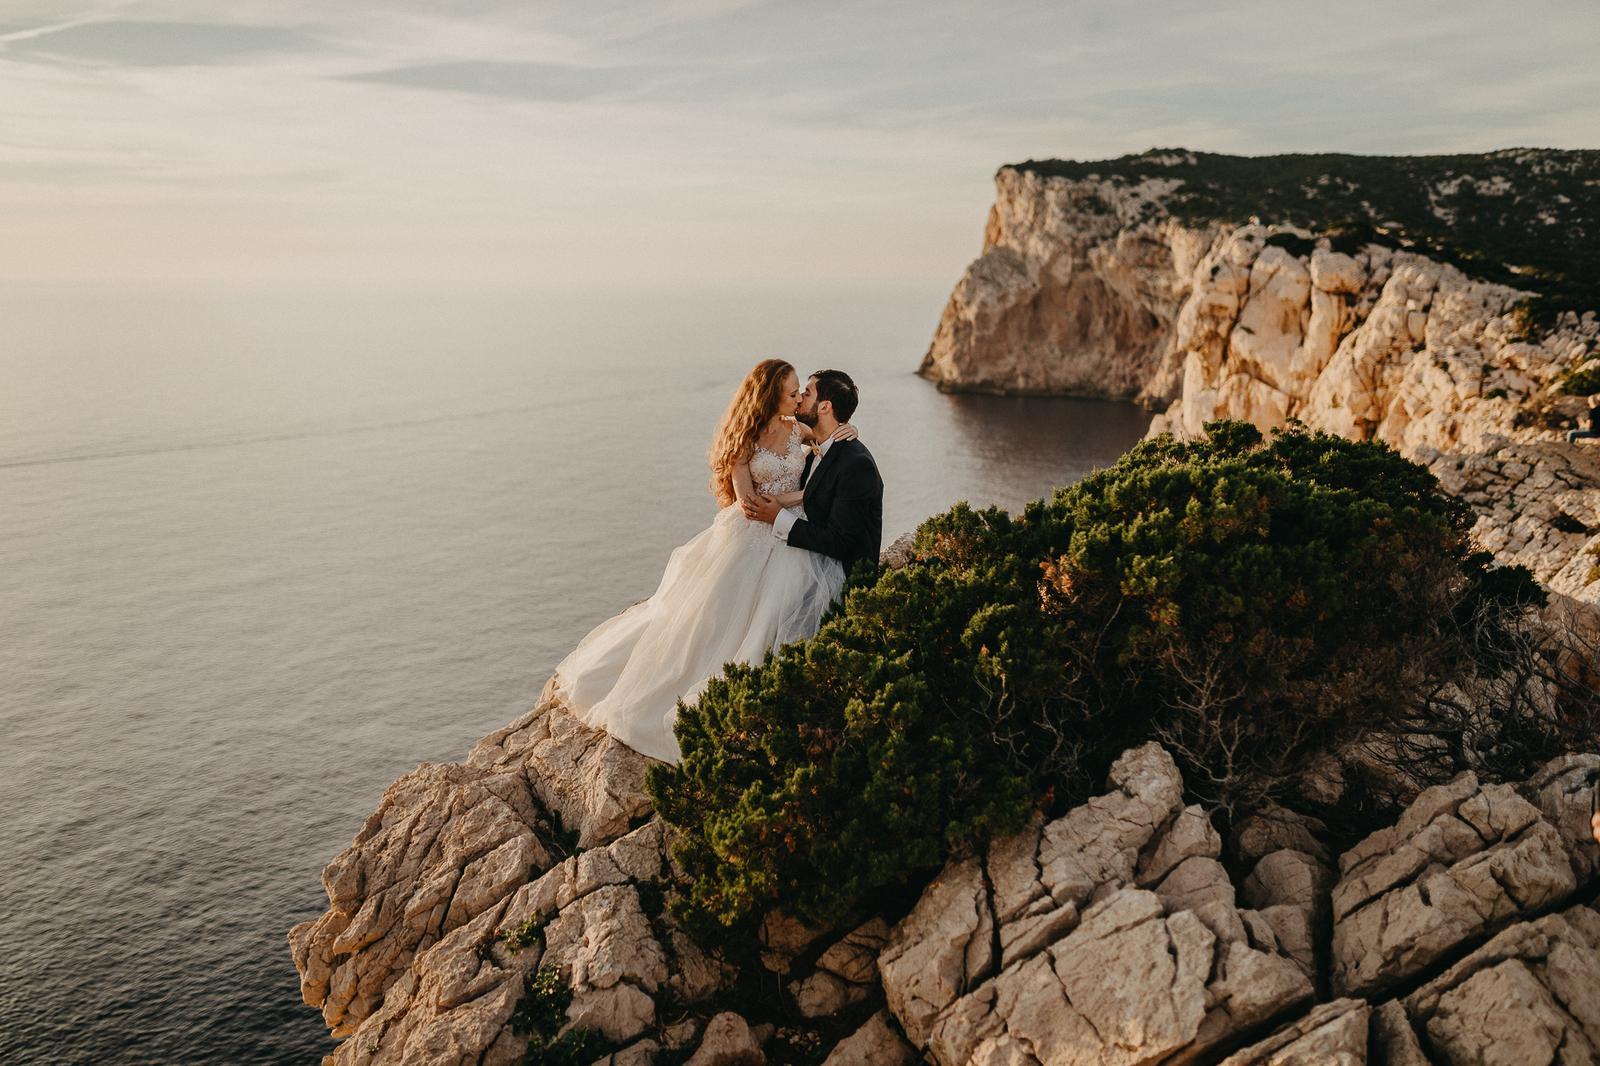 Naše svadobné fotenie na Sardínii - Obrázok č. 83